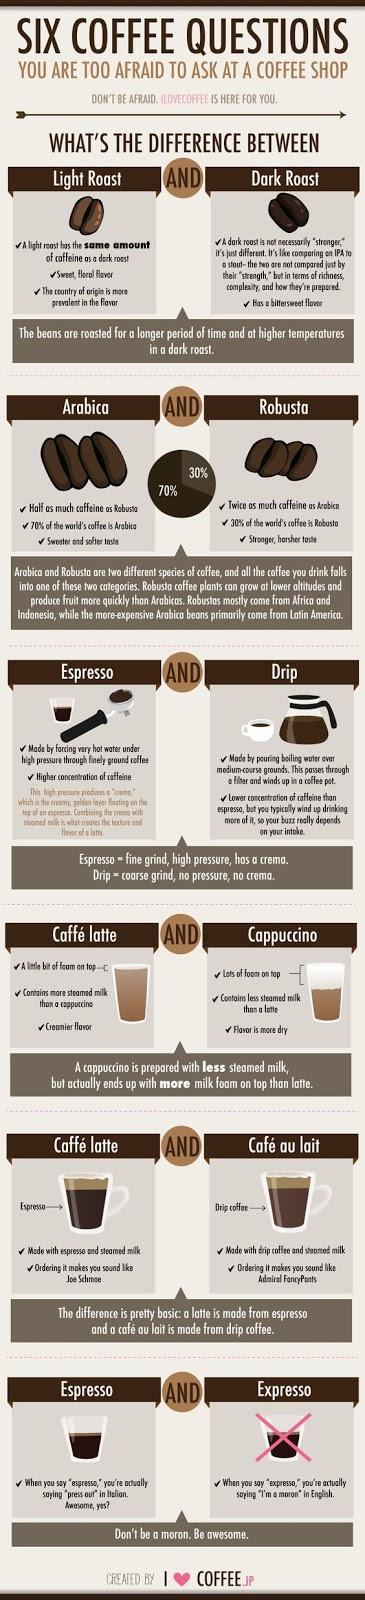 6 Pertanyaan tentang kopi